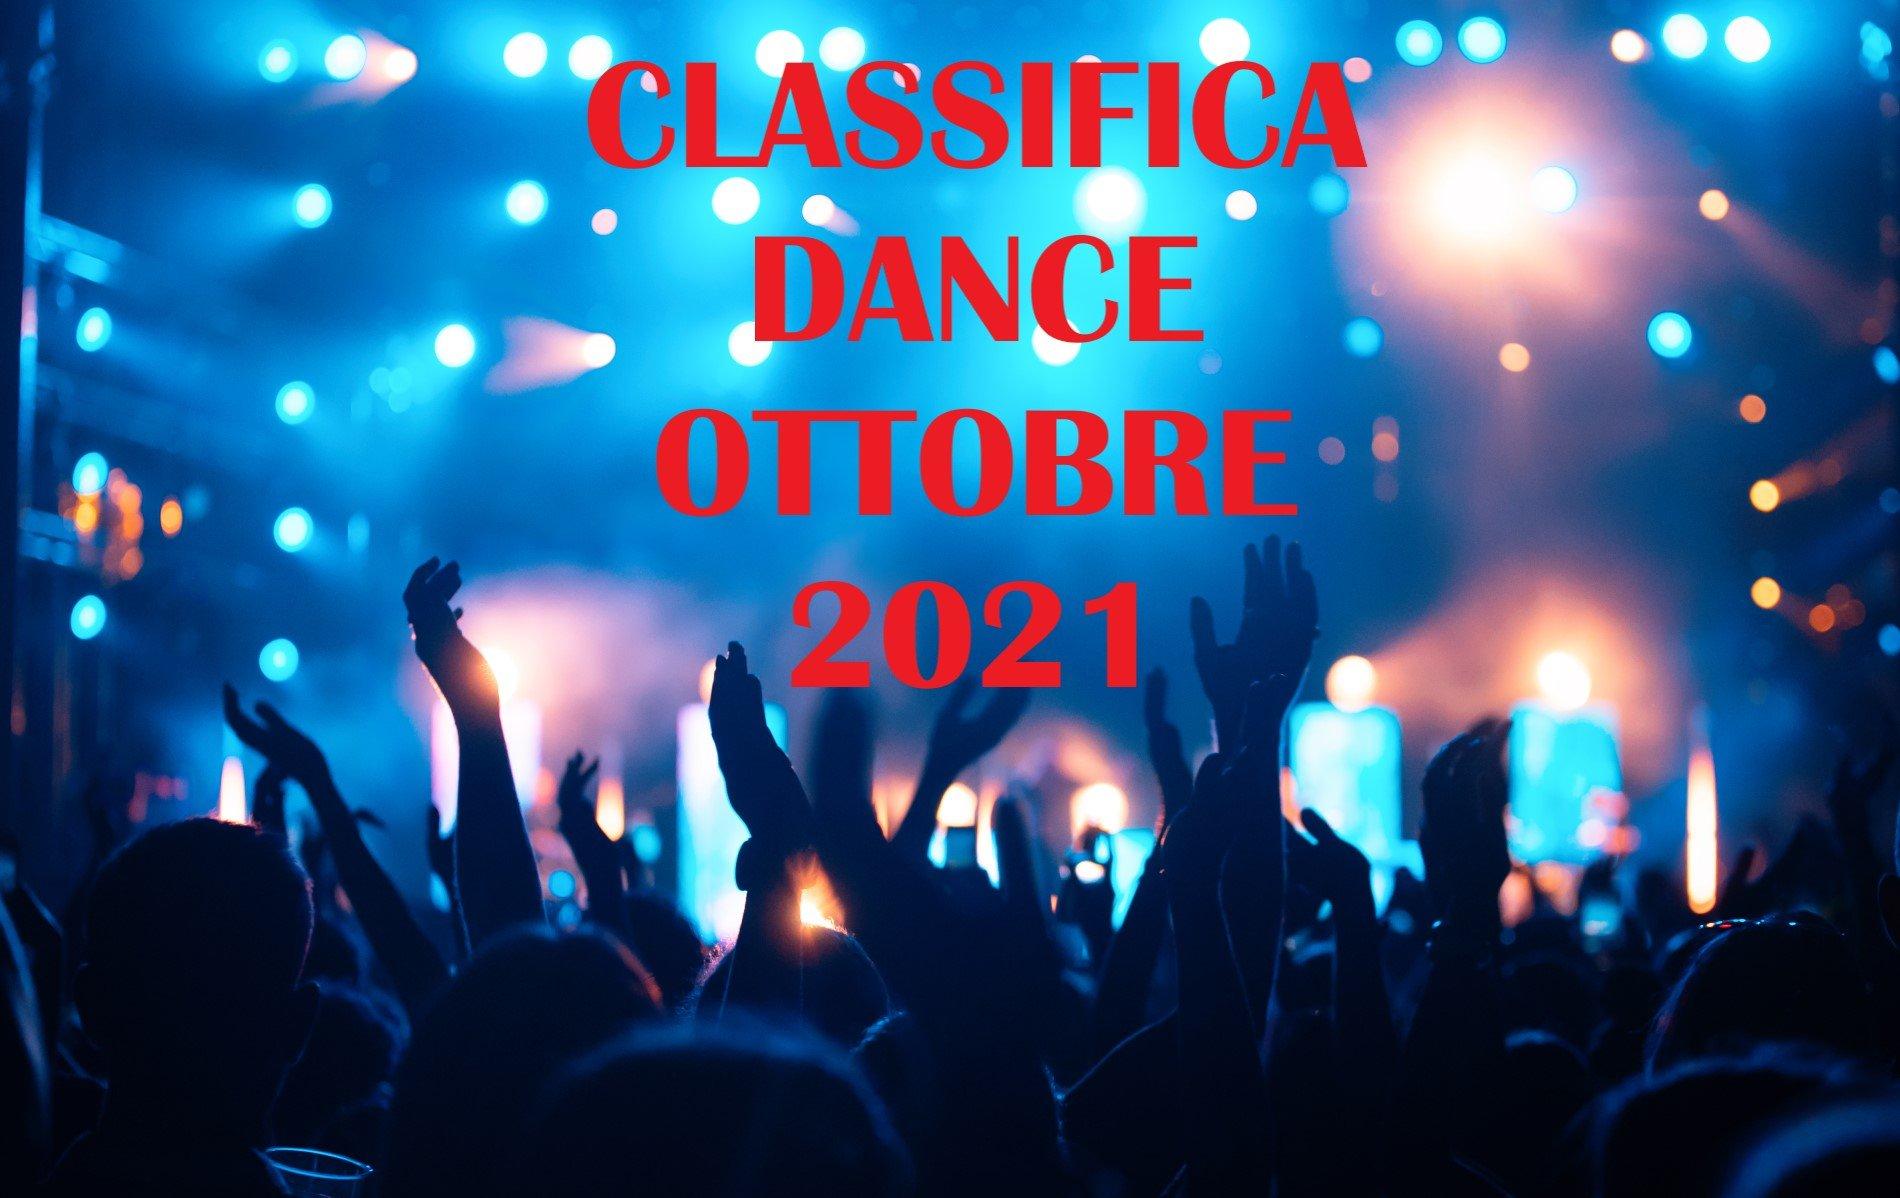 CLASSIFICA DANCE OTTOBRE 2021 - Musica Dance del Momento OTTOBRE 2021